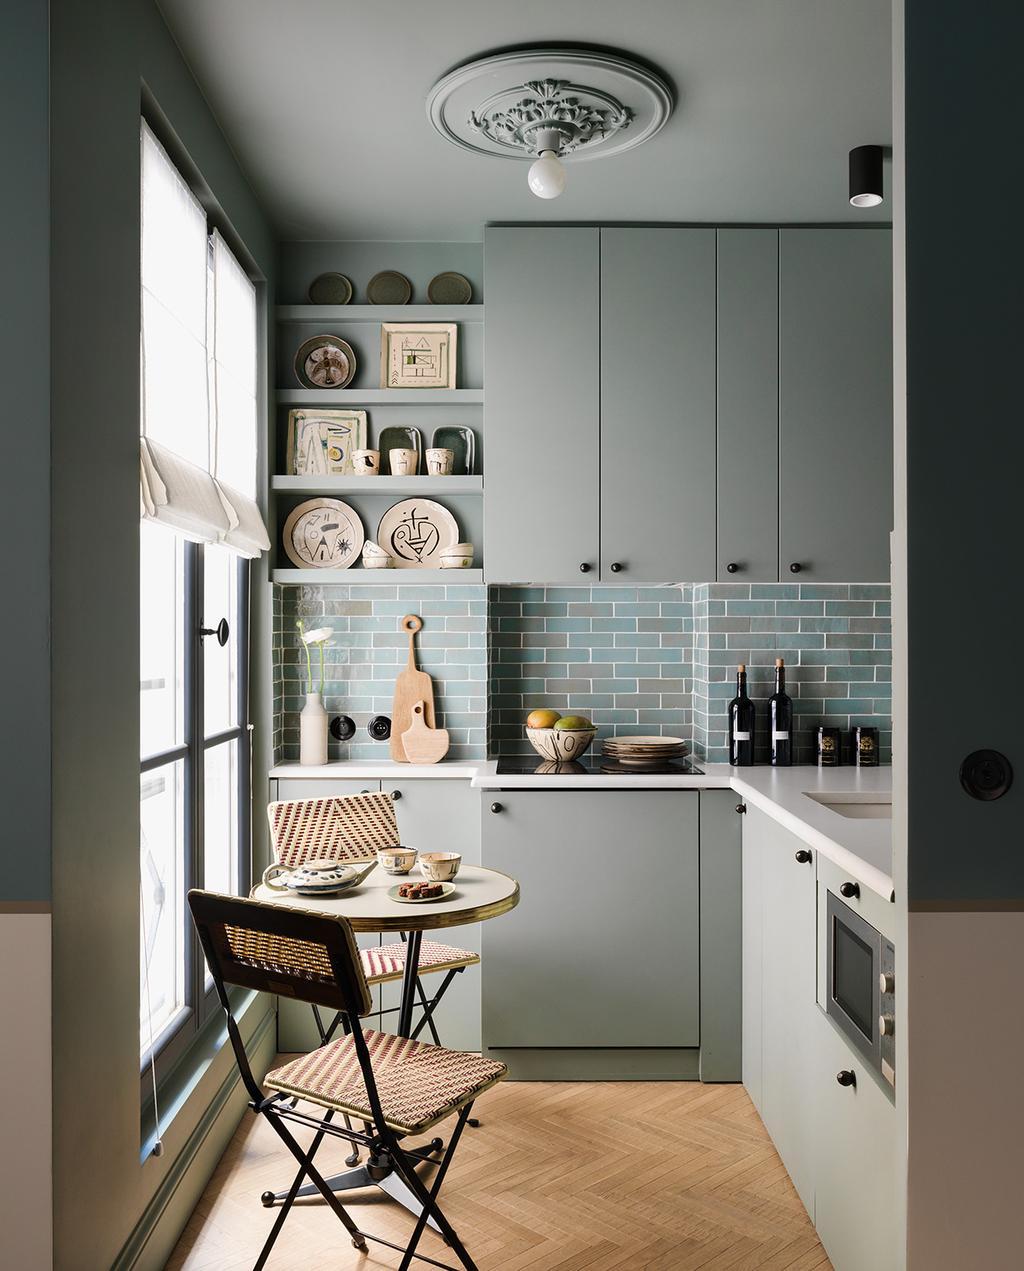 vtwonen special tiny houses | de grijs groene keuken van het appartement in het centrum van Parijs, met twee webbing stoelen en een mini ronde keukentafel